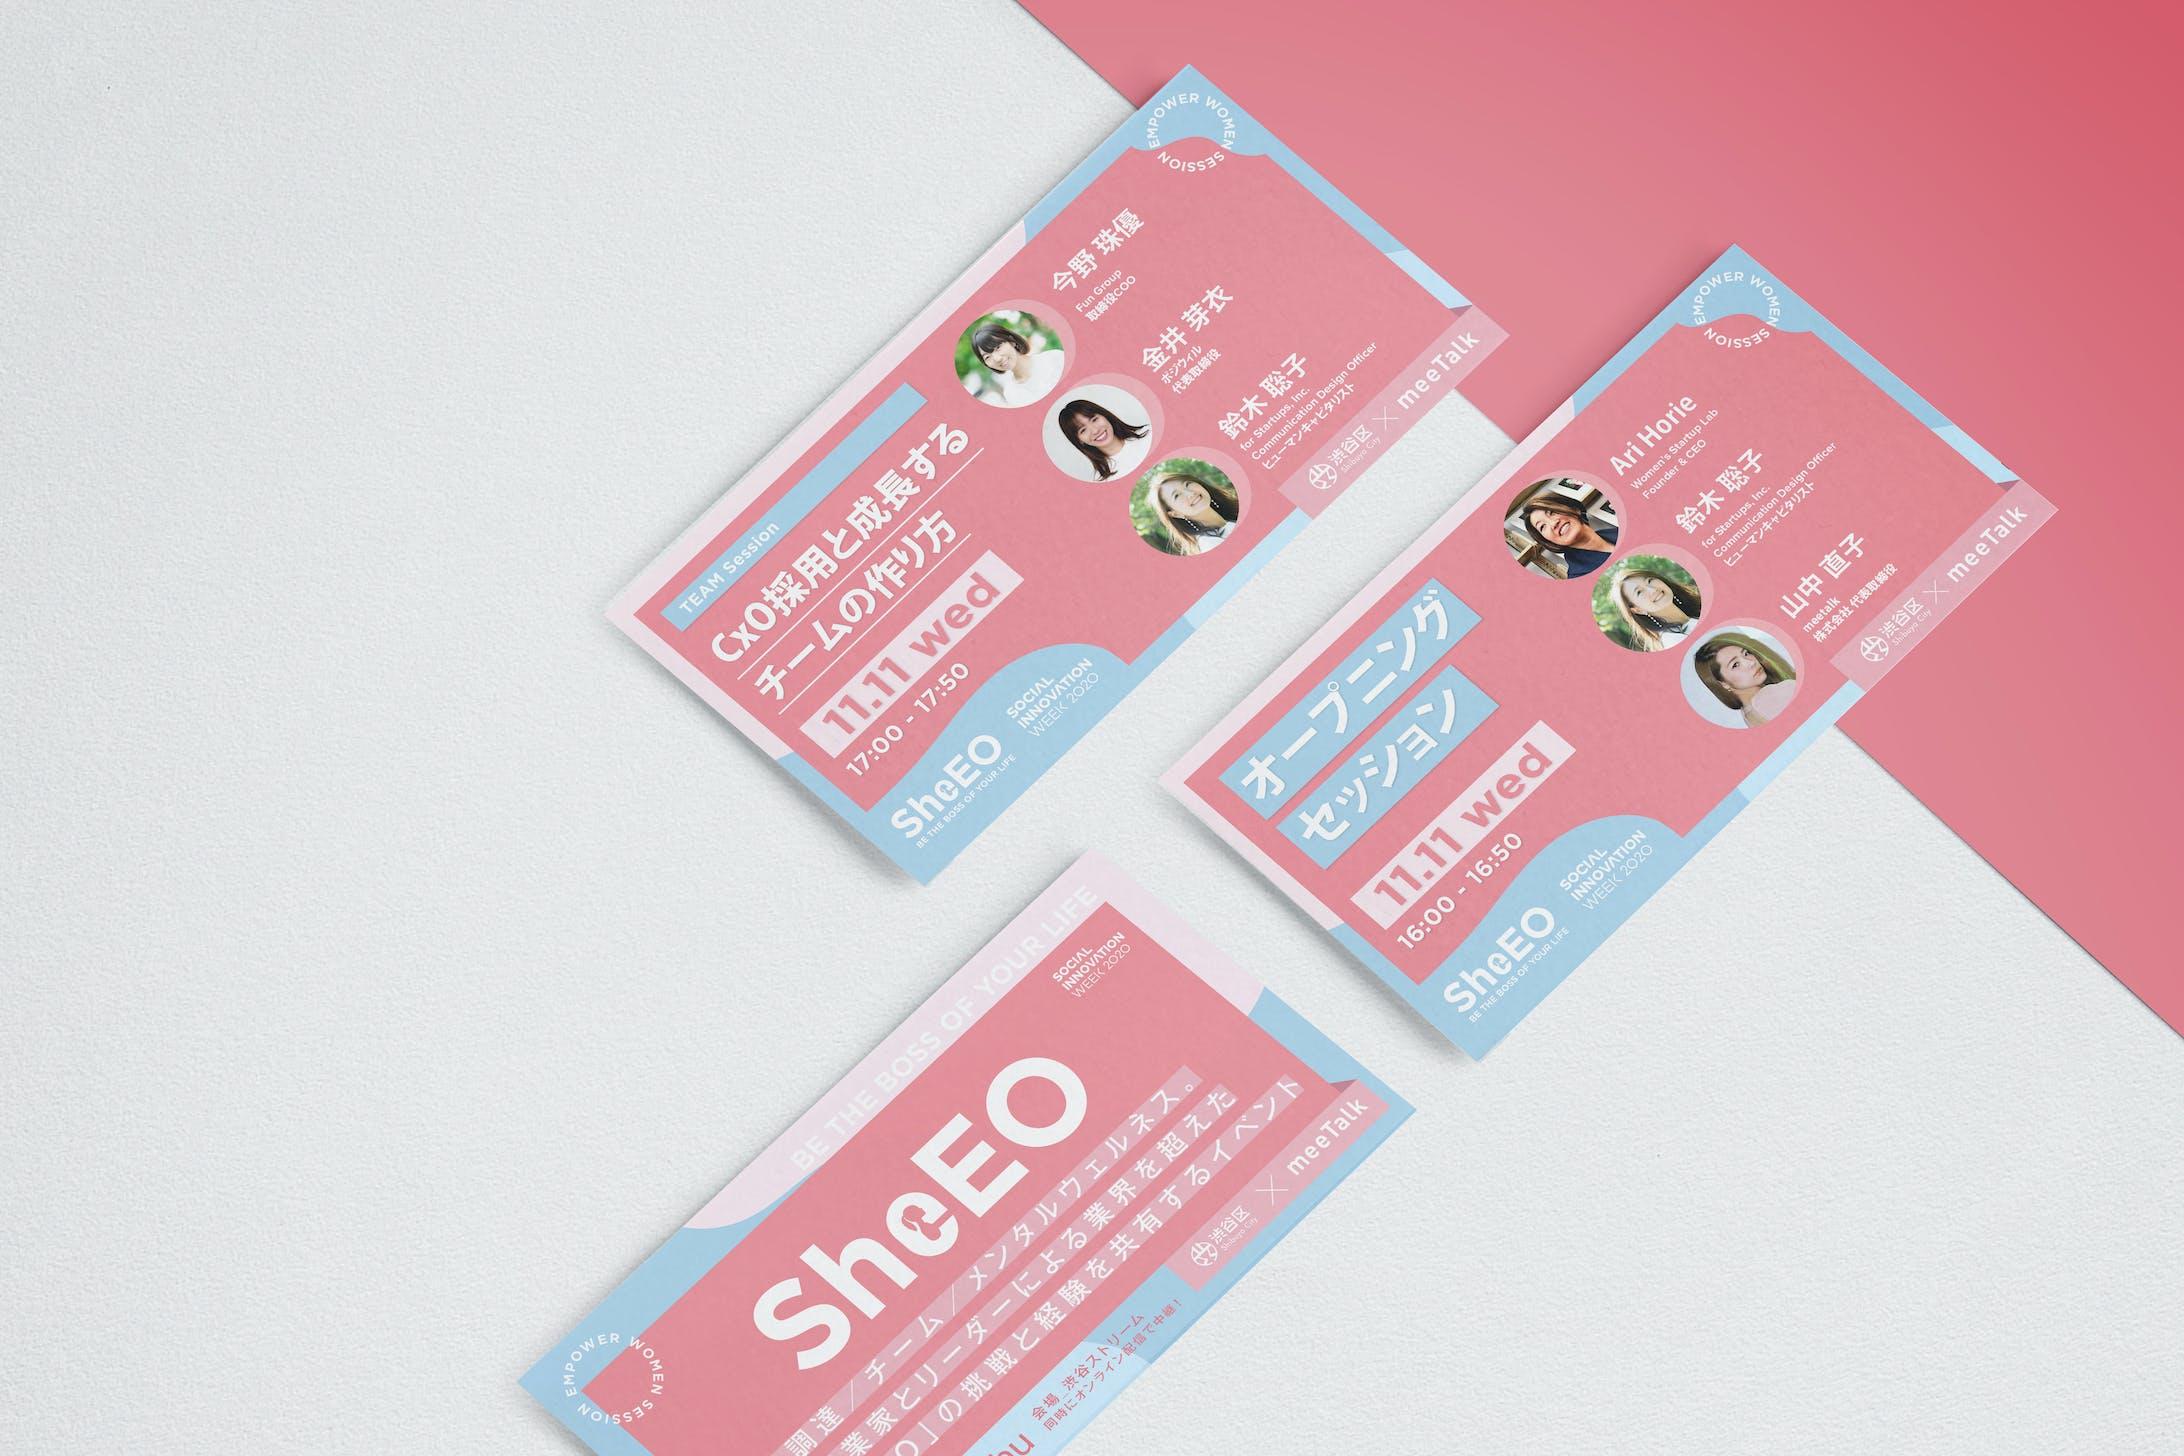 Shiubya-ku & meeTalk『SheEO – BE THE BOSS OF YOUR LIFE』-7